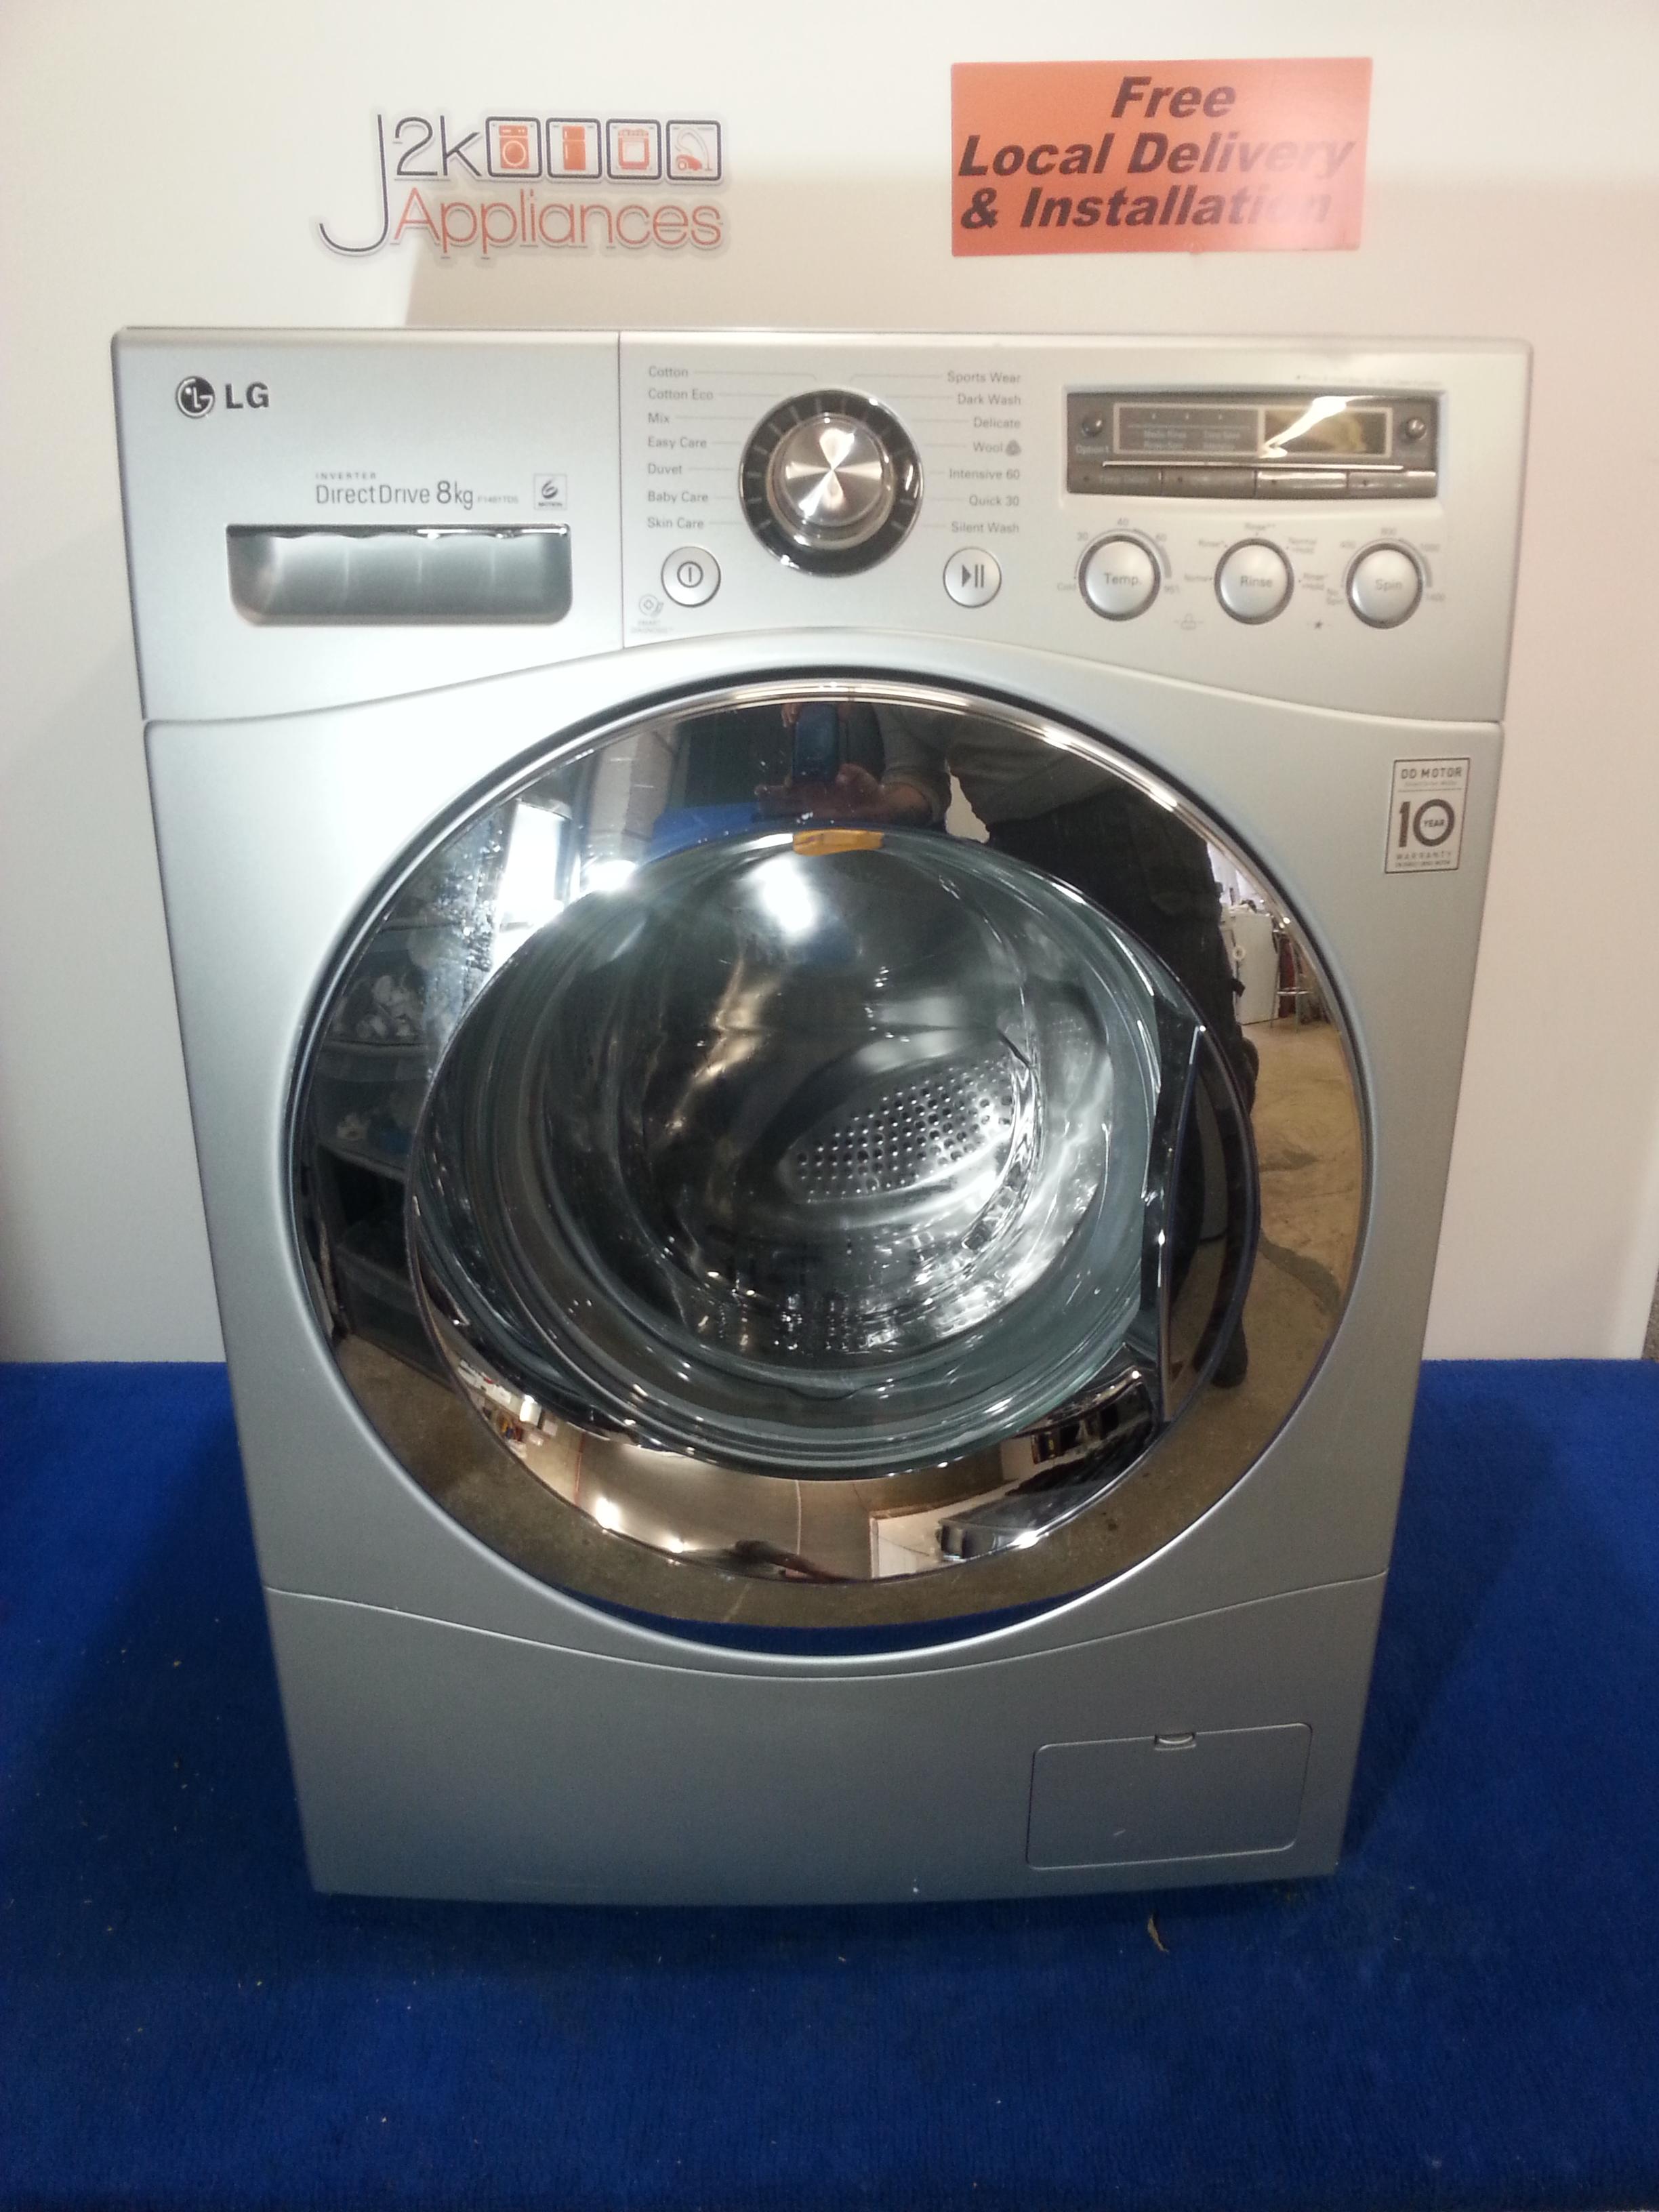 wm138 lg direct drive 6 motion 8kg 1400 spin washing machine model f1481td5 j2k appliances. Black Bedroom Furniture Sets. Home Design Ideas